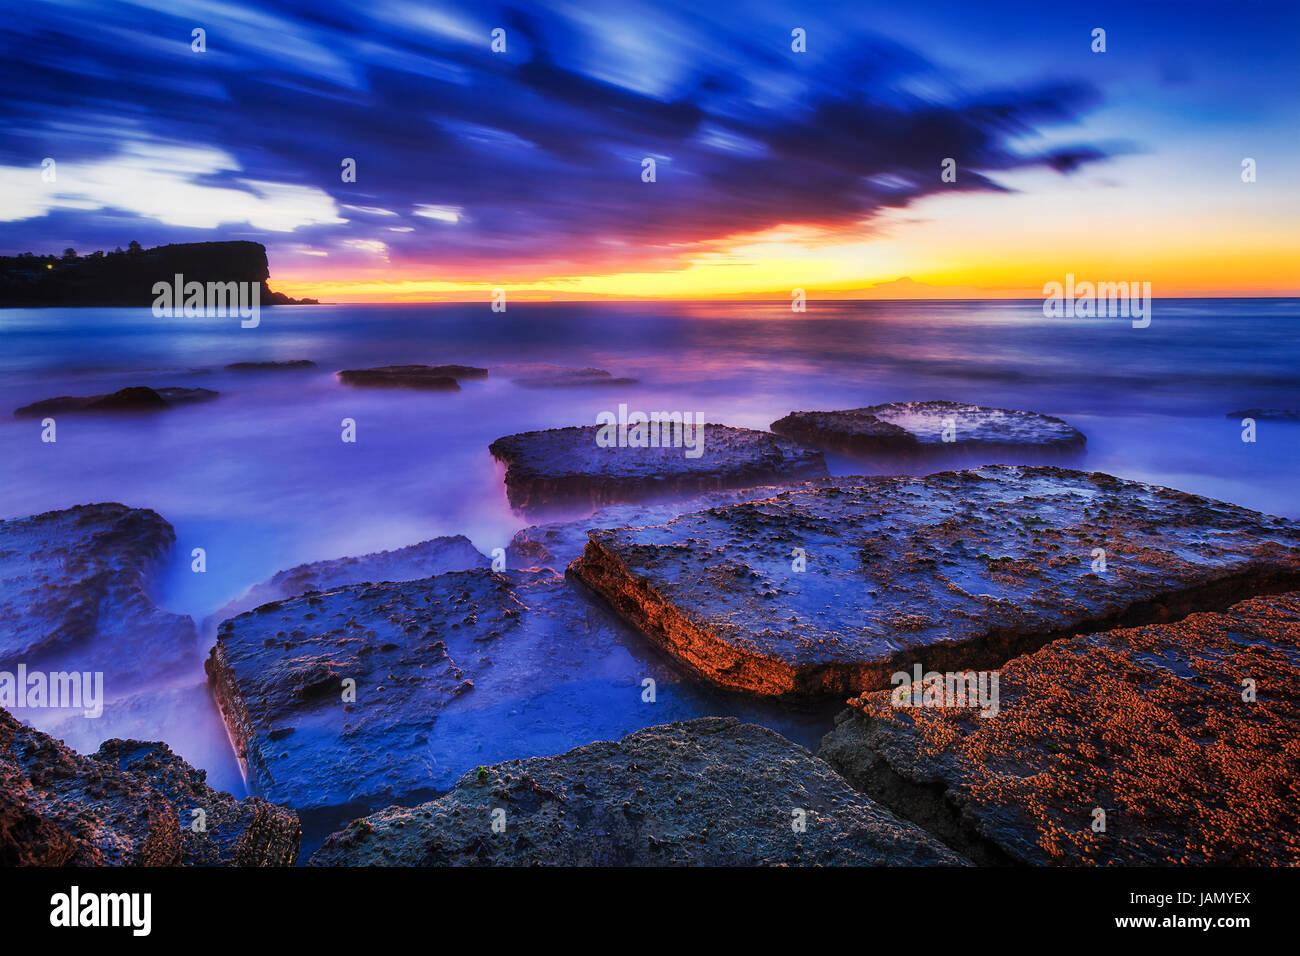 Lever de soleil sur l'heure bleu foncé à l'horizon de mer plage Avalon roches avec alga de plages Photo Stock